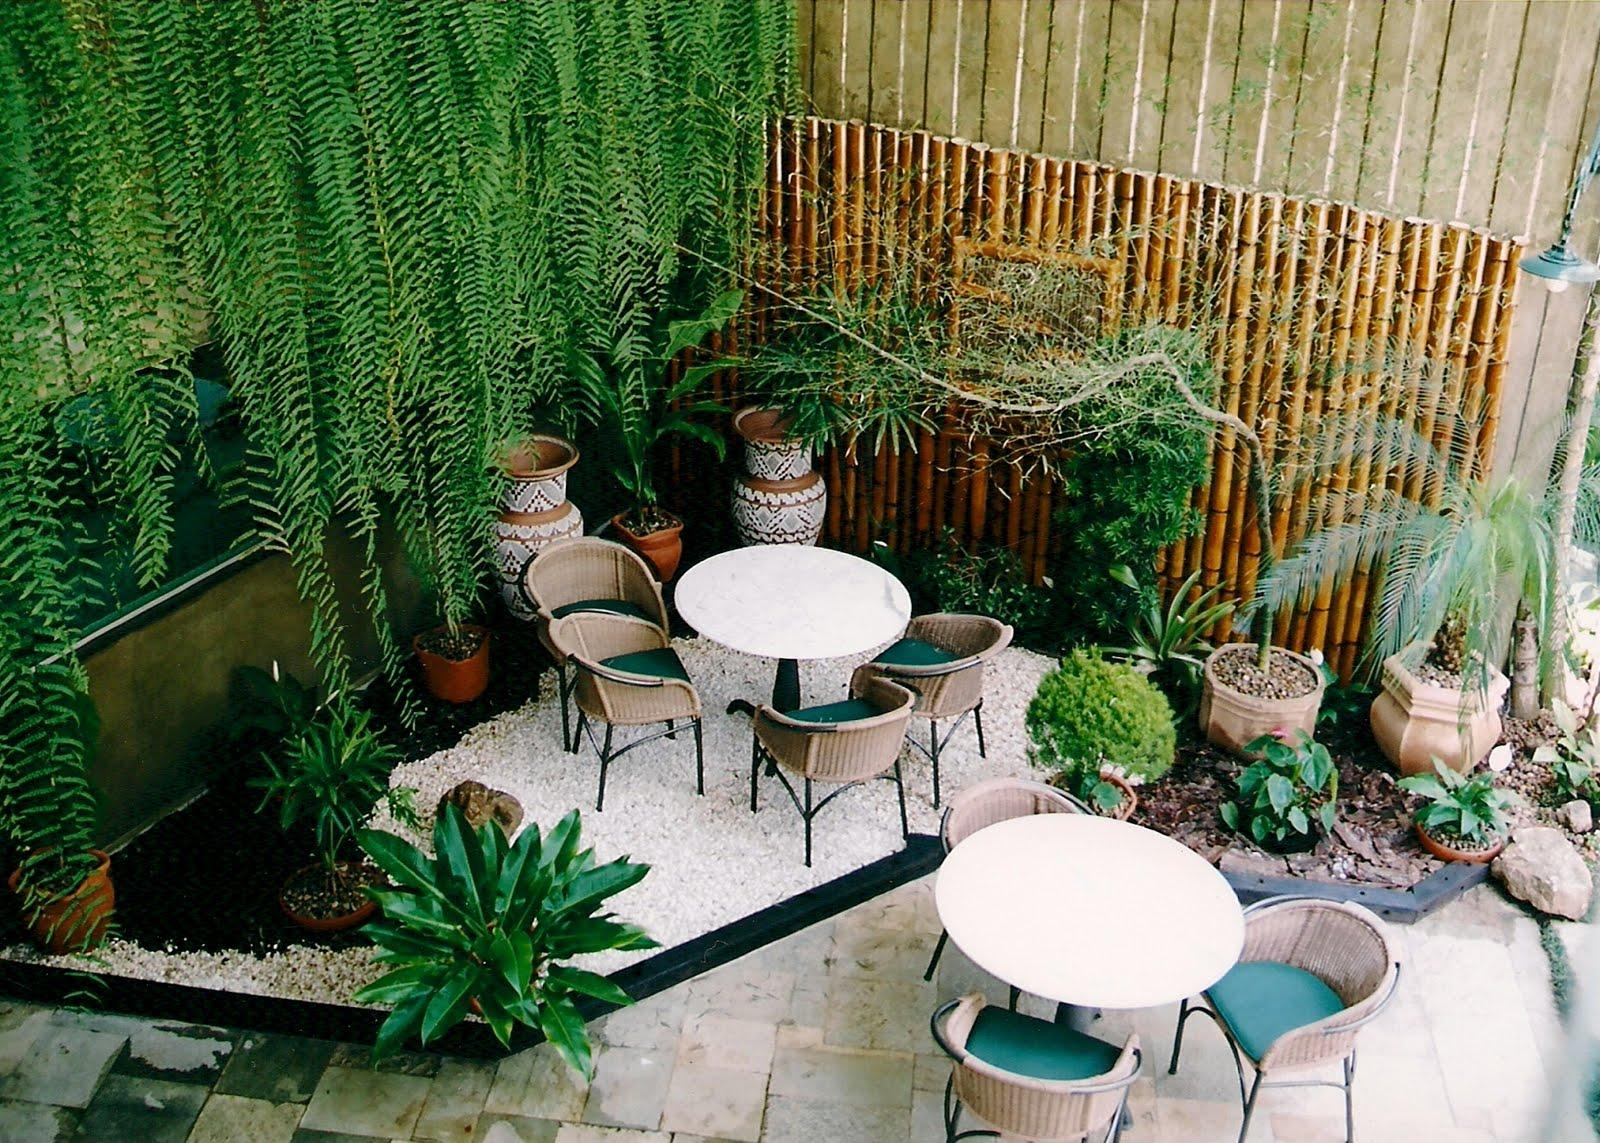 Jardim de inverno traz vida para a decoração Dicas para Decorar #67431B 1600x1143 Banheiro Com Jardim Vertical